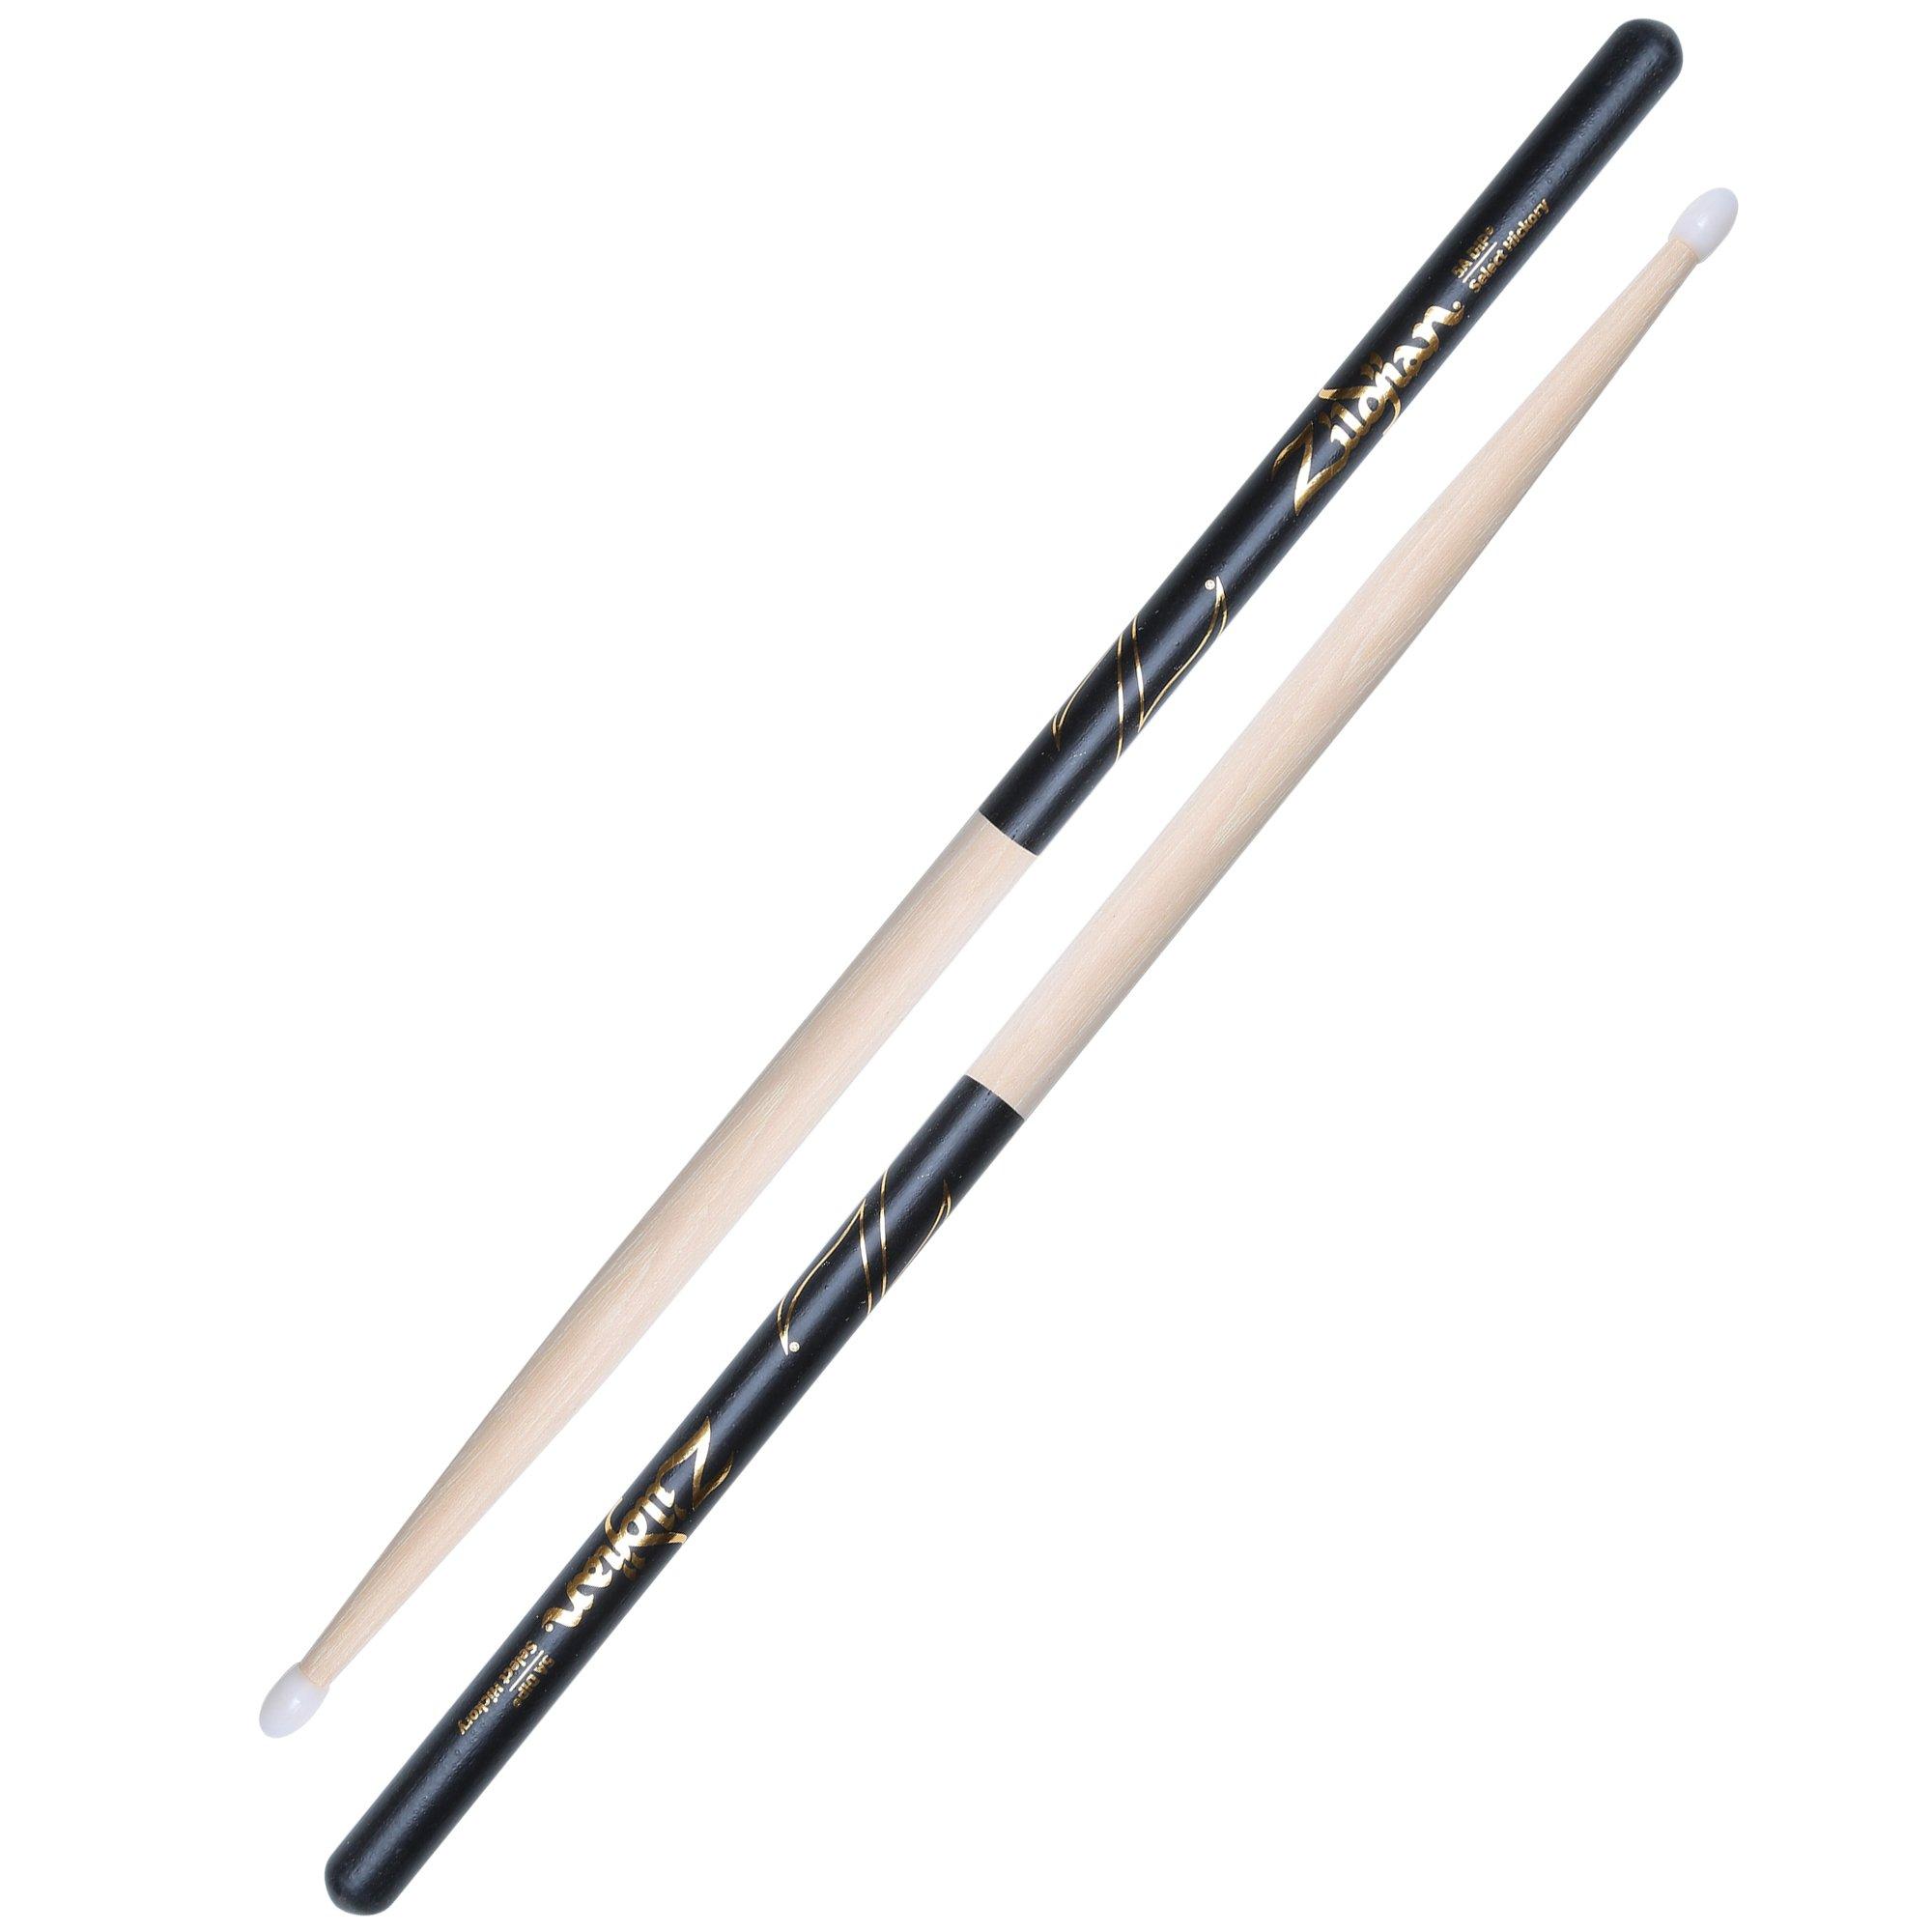 Zildjian 5A Nylon Dip Drumsticks